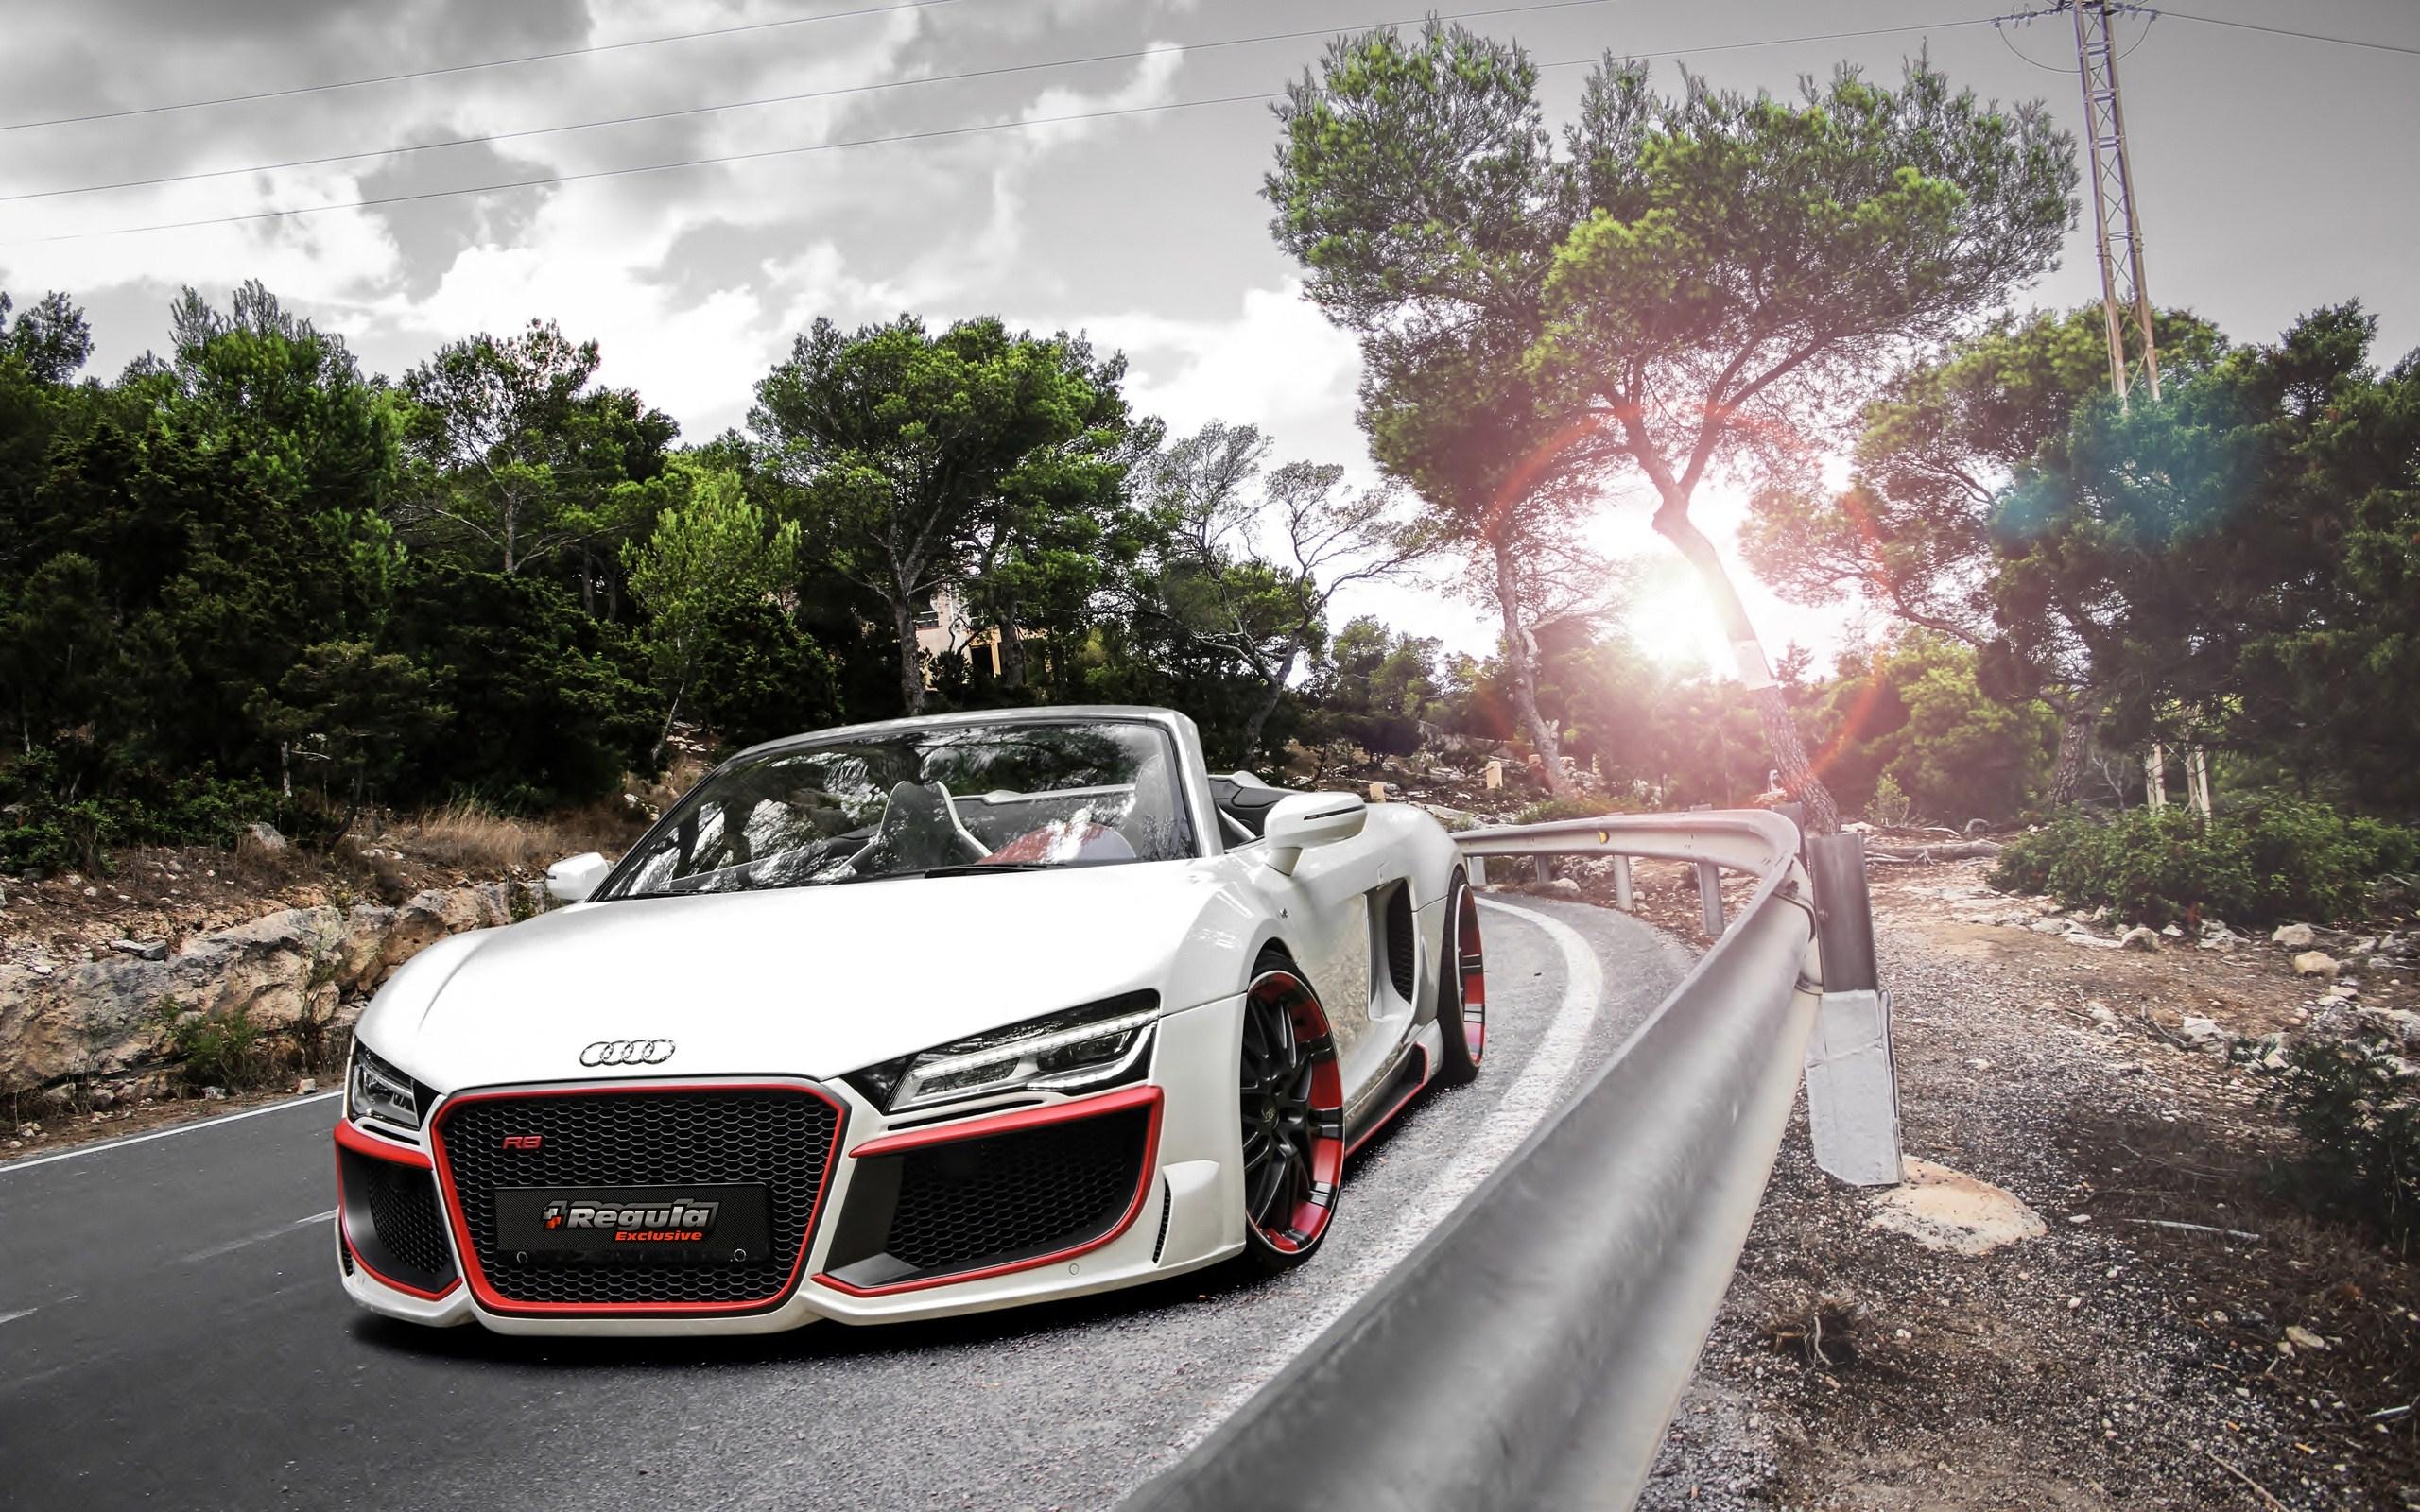 fantastic track car wallpaper 40875